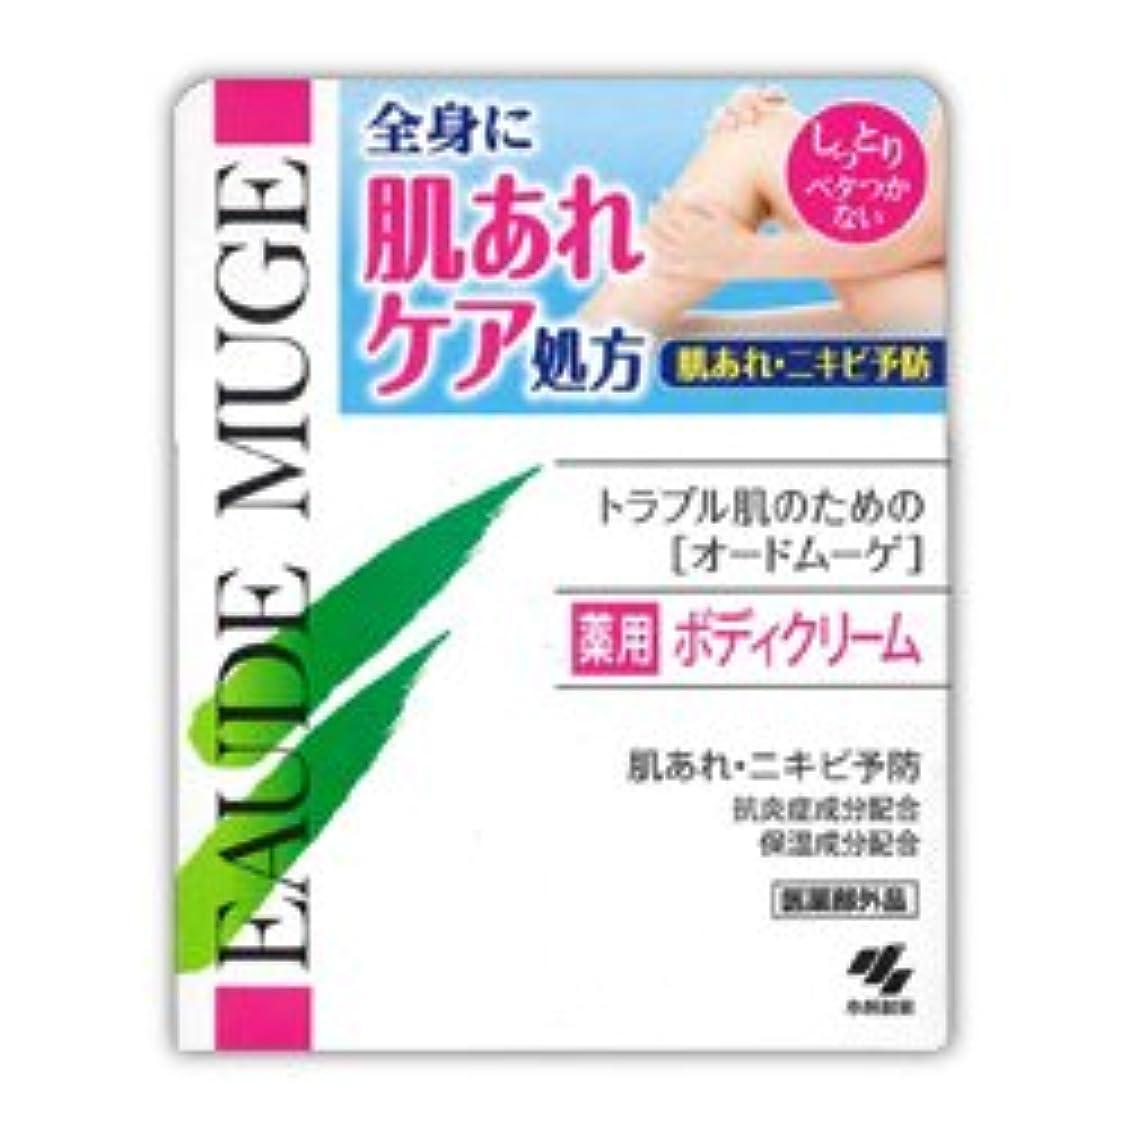 アーカイブ自慢【小林製薬】オードムーゲ 薬用ボディクリーム 160g(医薬部外品)